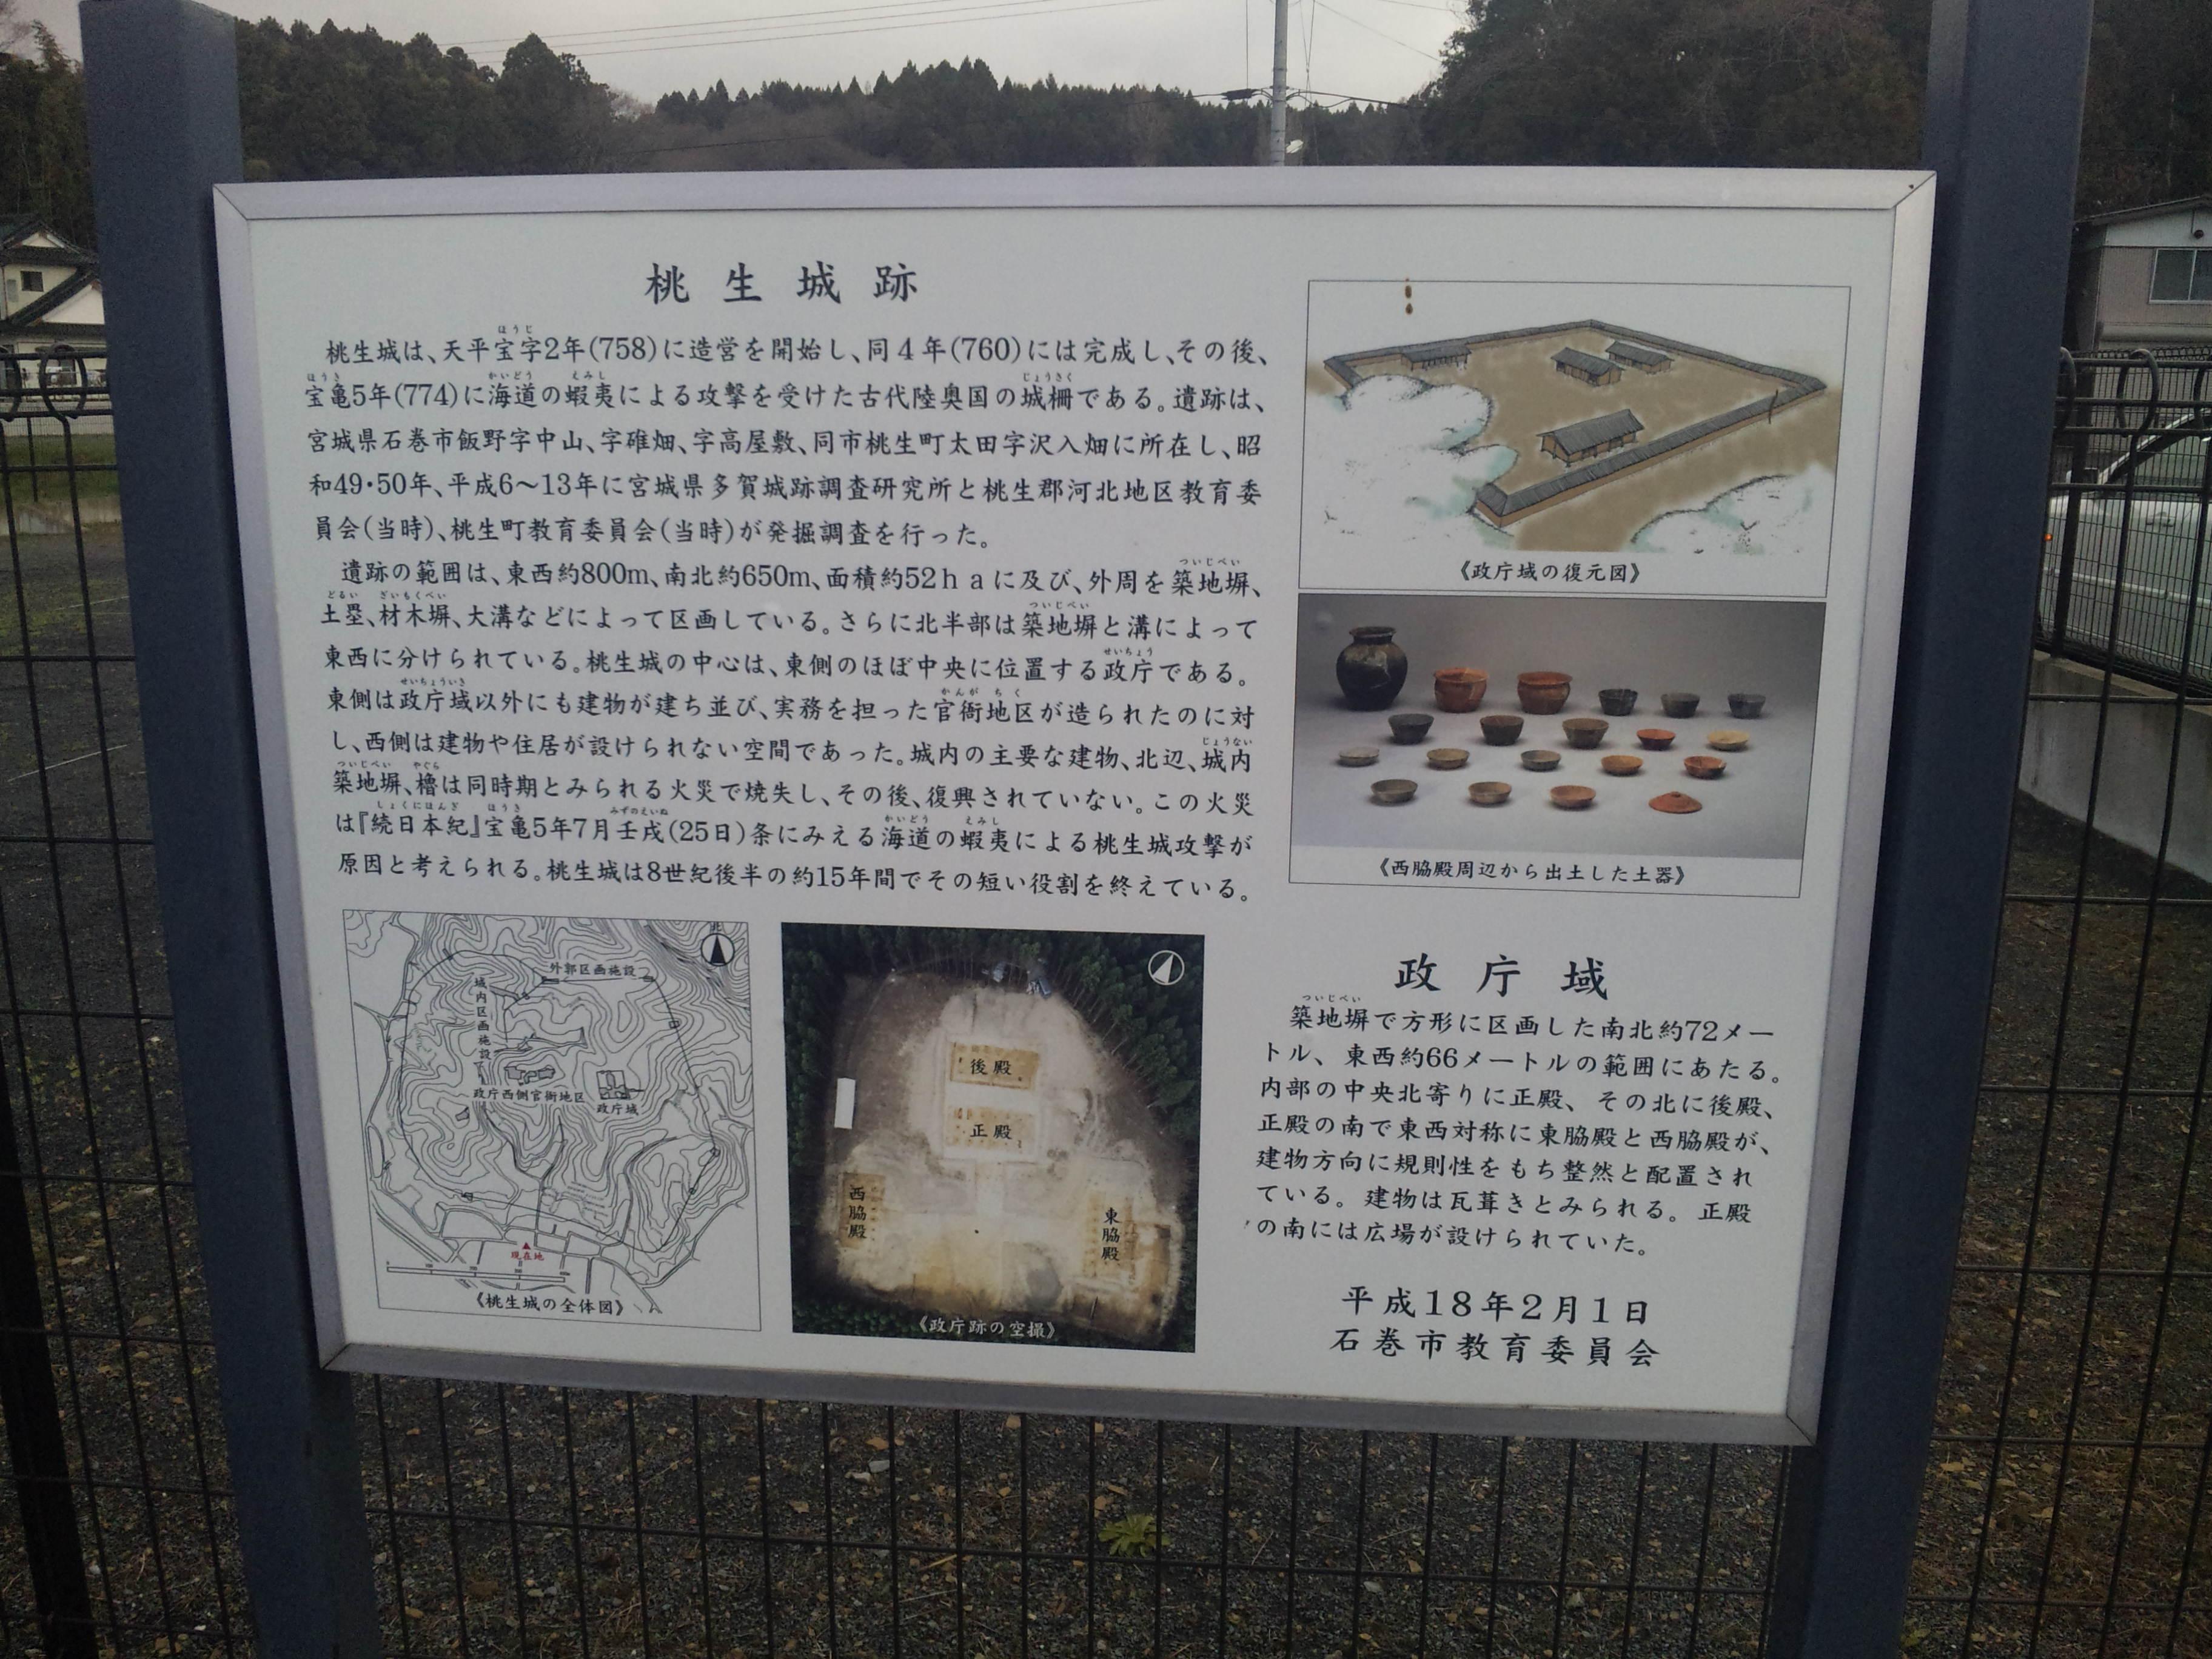 桃生城: ひたかみのくに 歴史・特産品・グリーンツーリズム